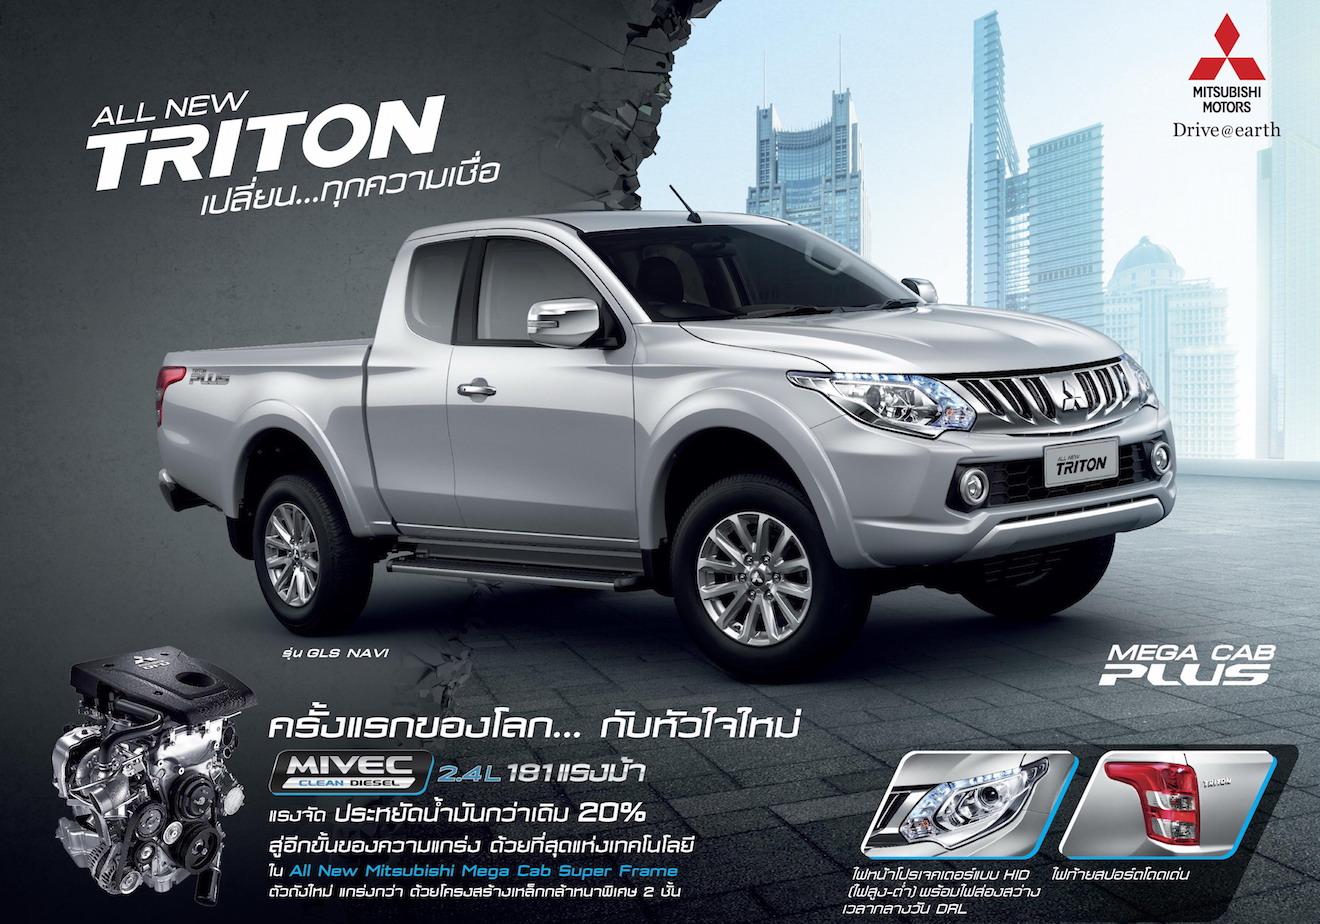 All New Mitsubishi Triton 2014 Thailand Autos Post